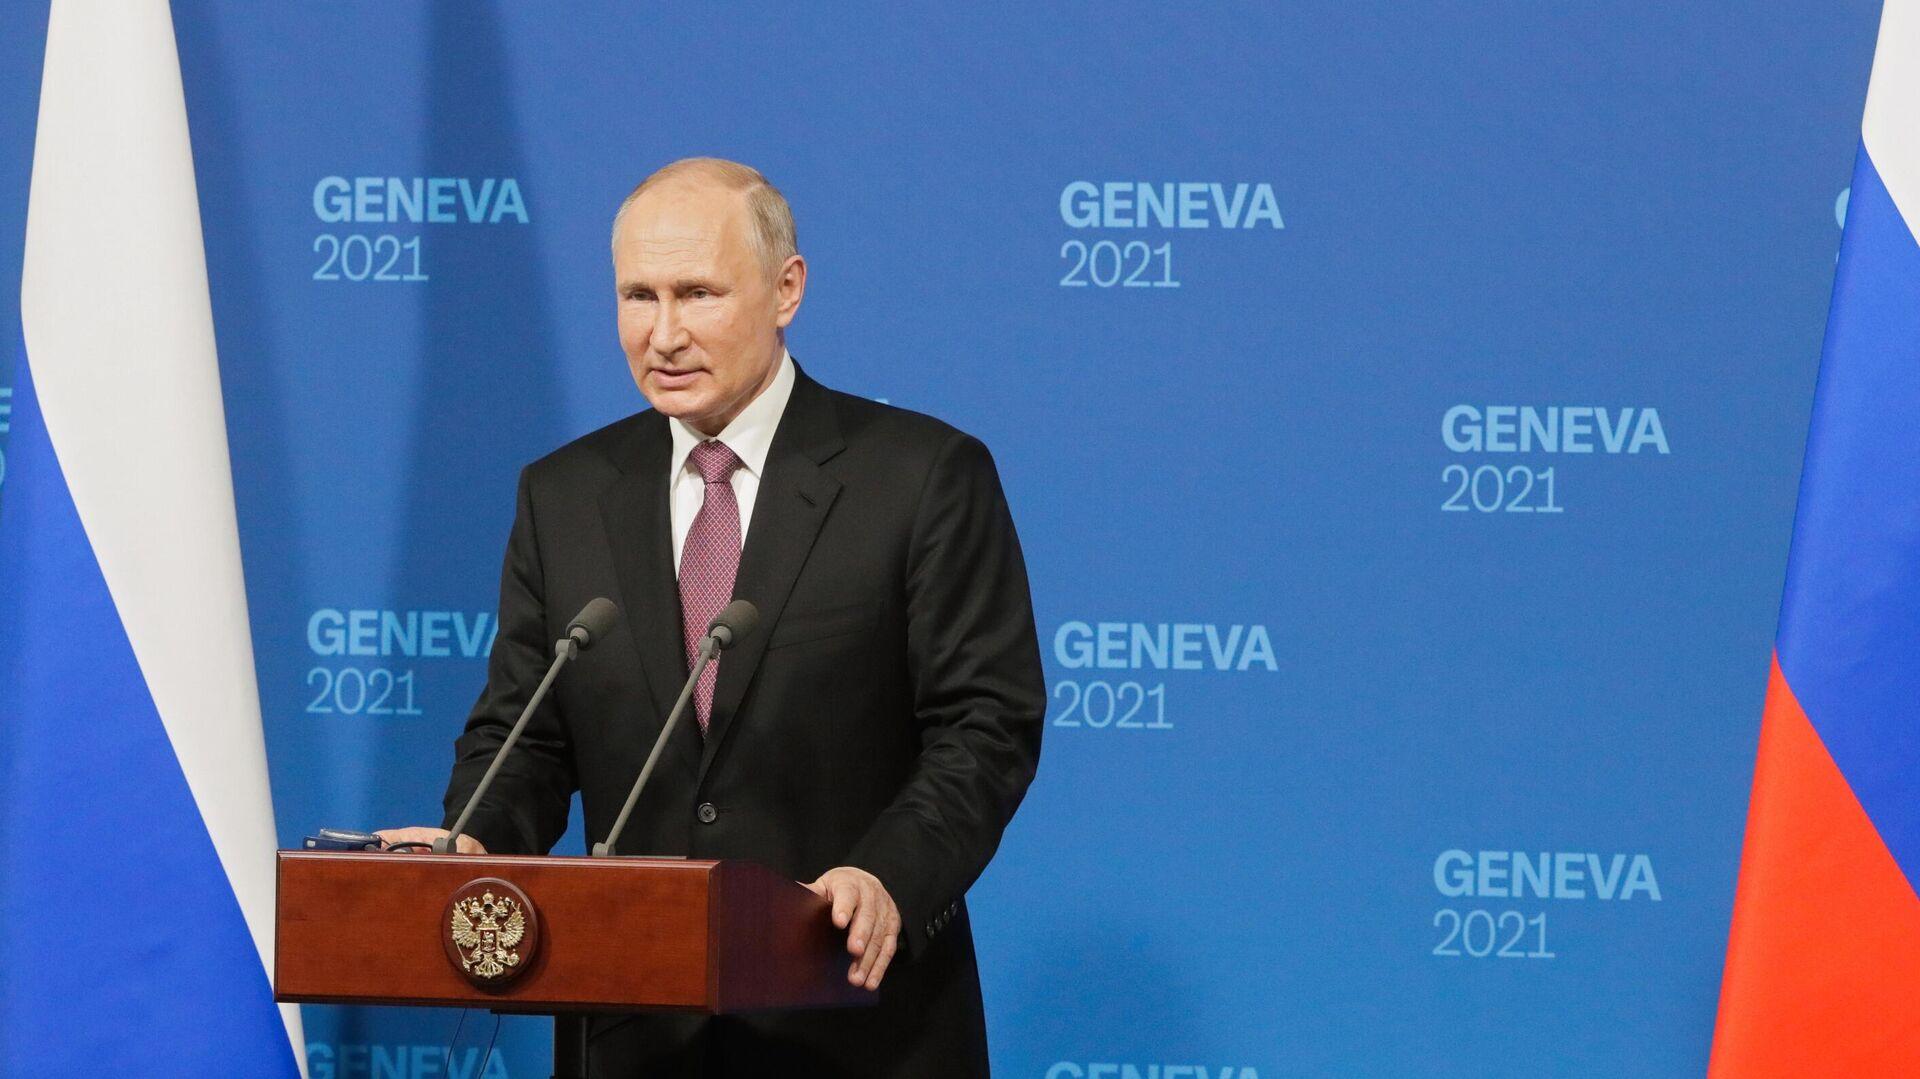 Президент России Владимир Путин на пресс-конференции по итогам переговоров с президентом США Джо Байденом в Женеве. - РИА Новости, 1920, 16.06.2021